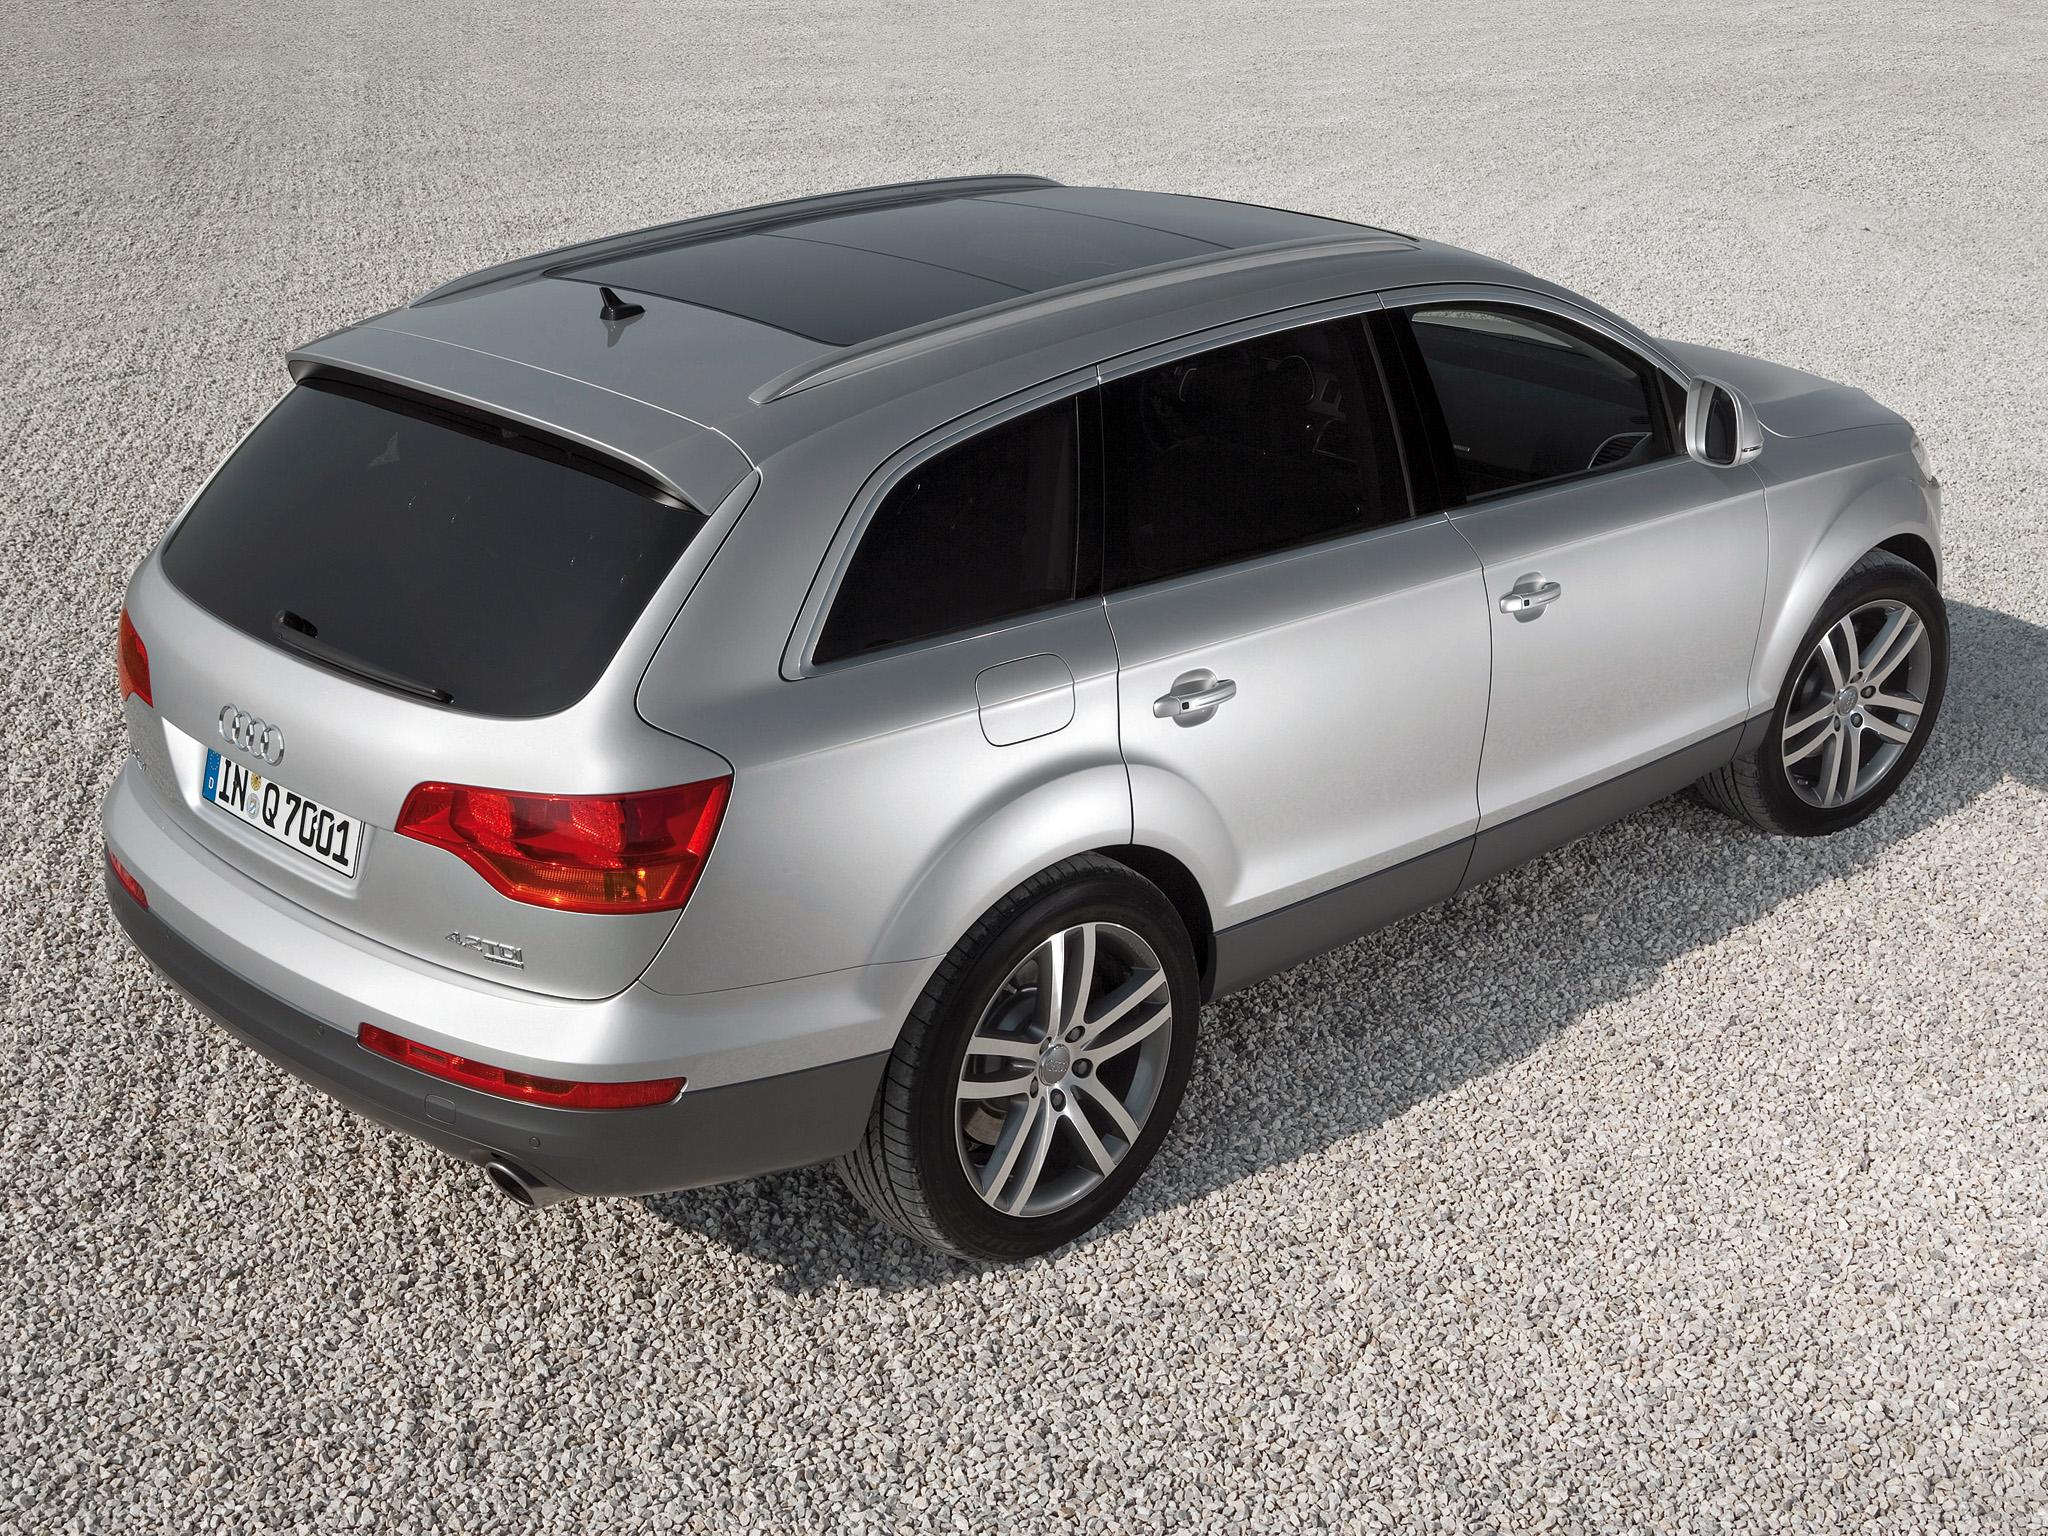 Audi Q7 4.2 TDI/Standbild